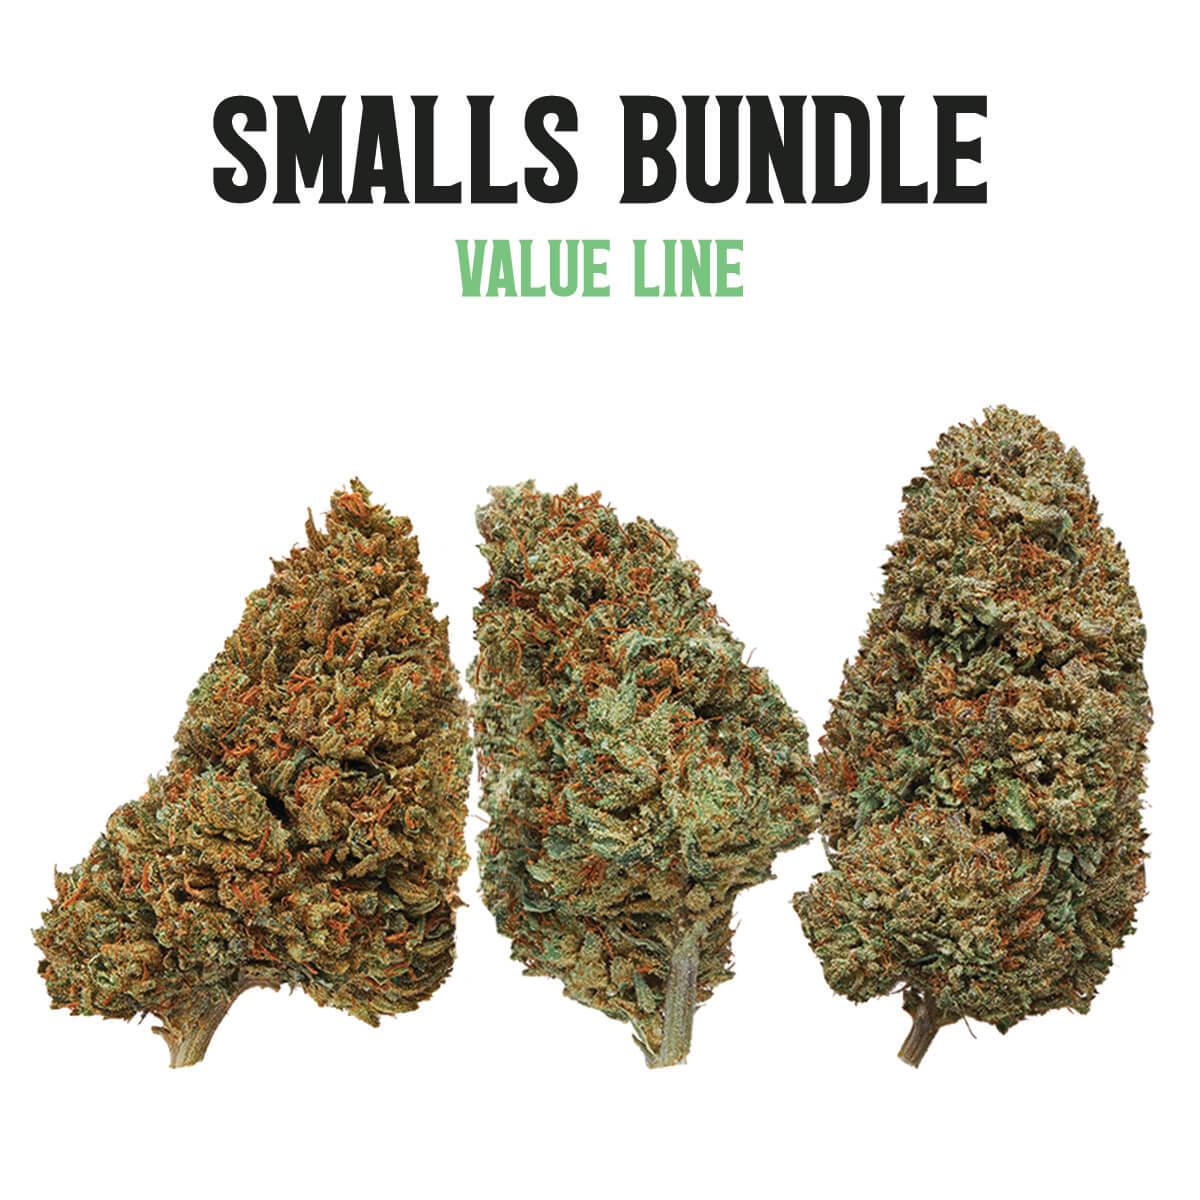 Small Buds CBD Bundle